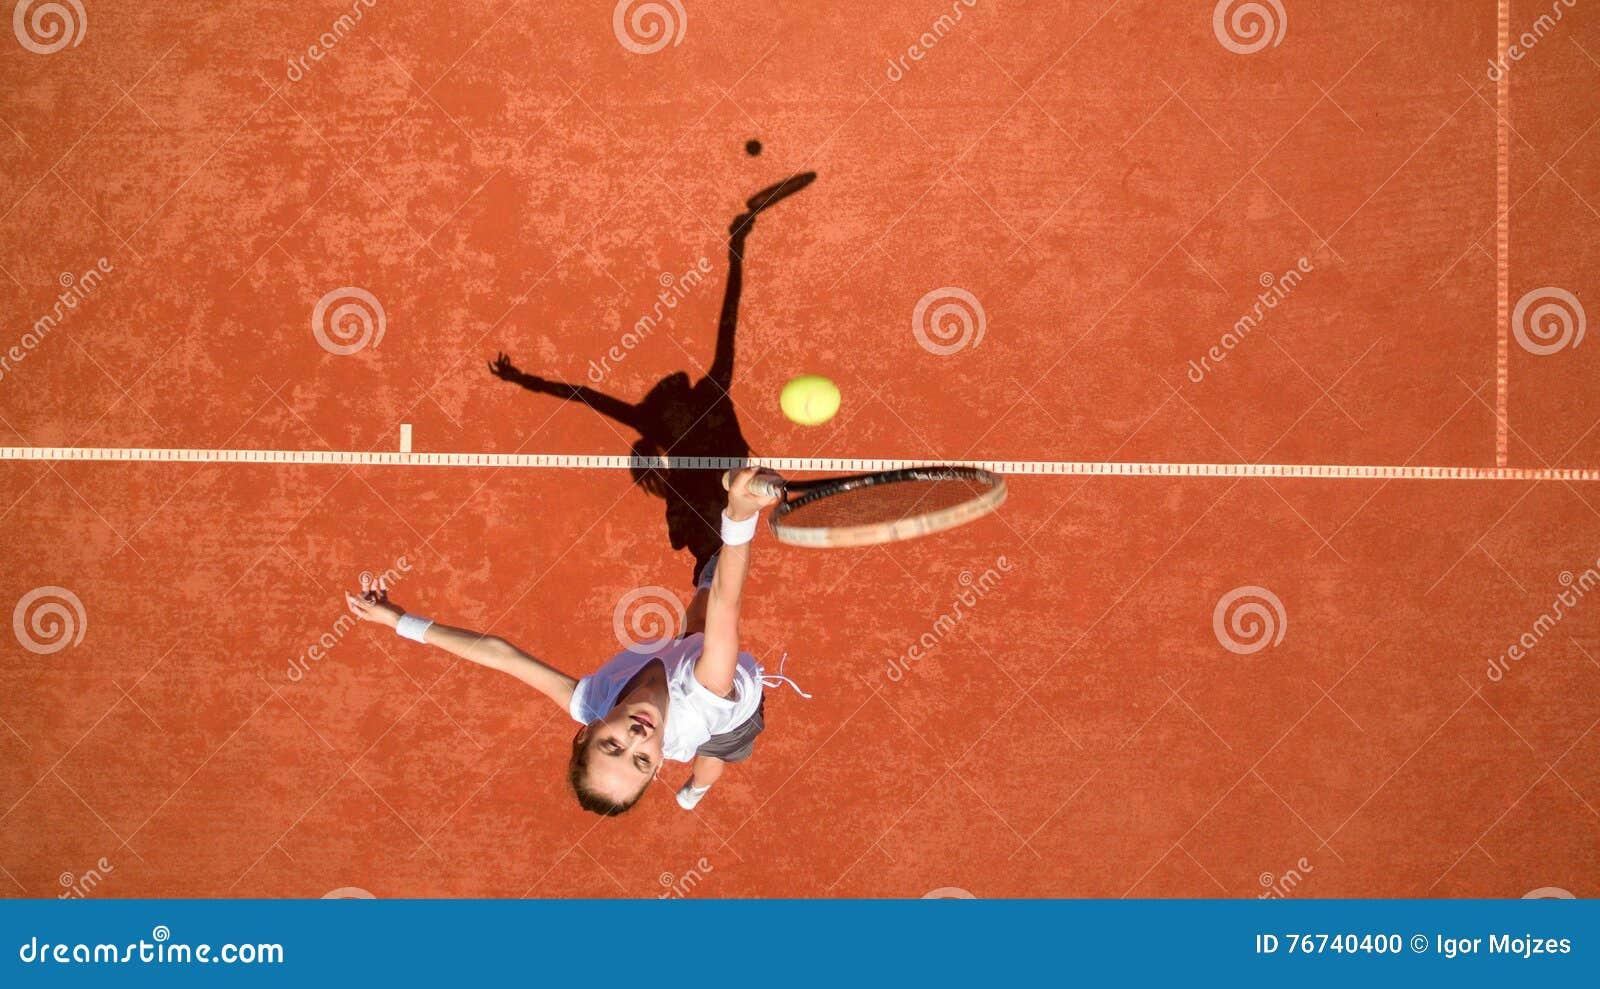 Jugador de tenis que golpea la bola en terreno del tenis